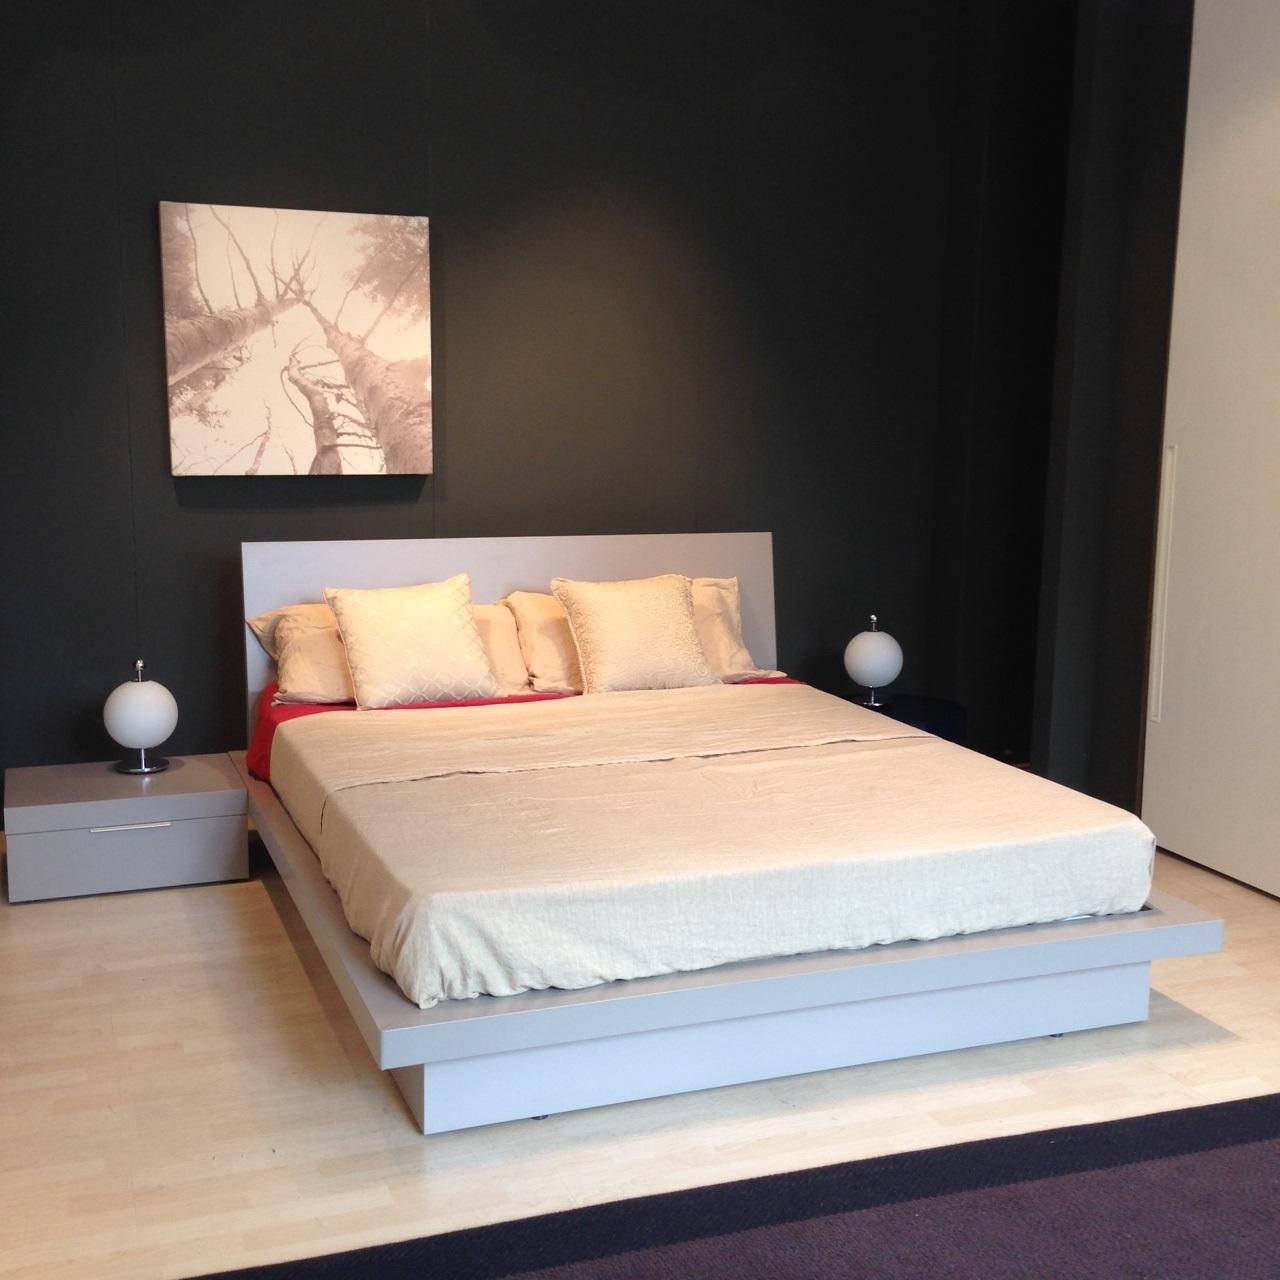 Letto Hemnes Ikea Usato - Idee Per La Casa - Douglasfalls.com